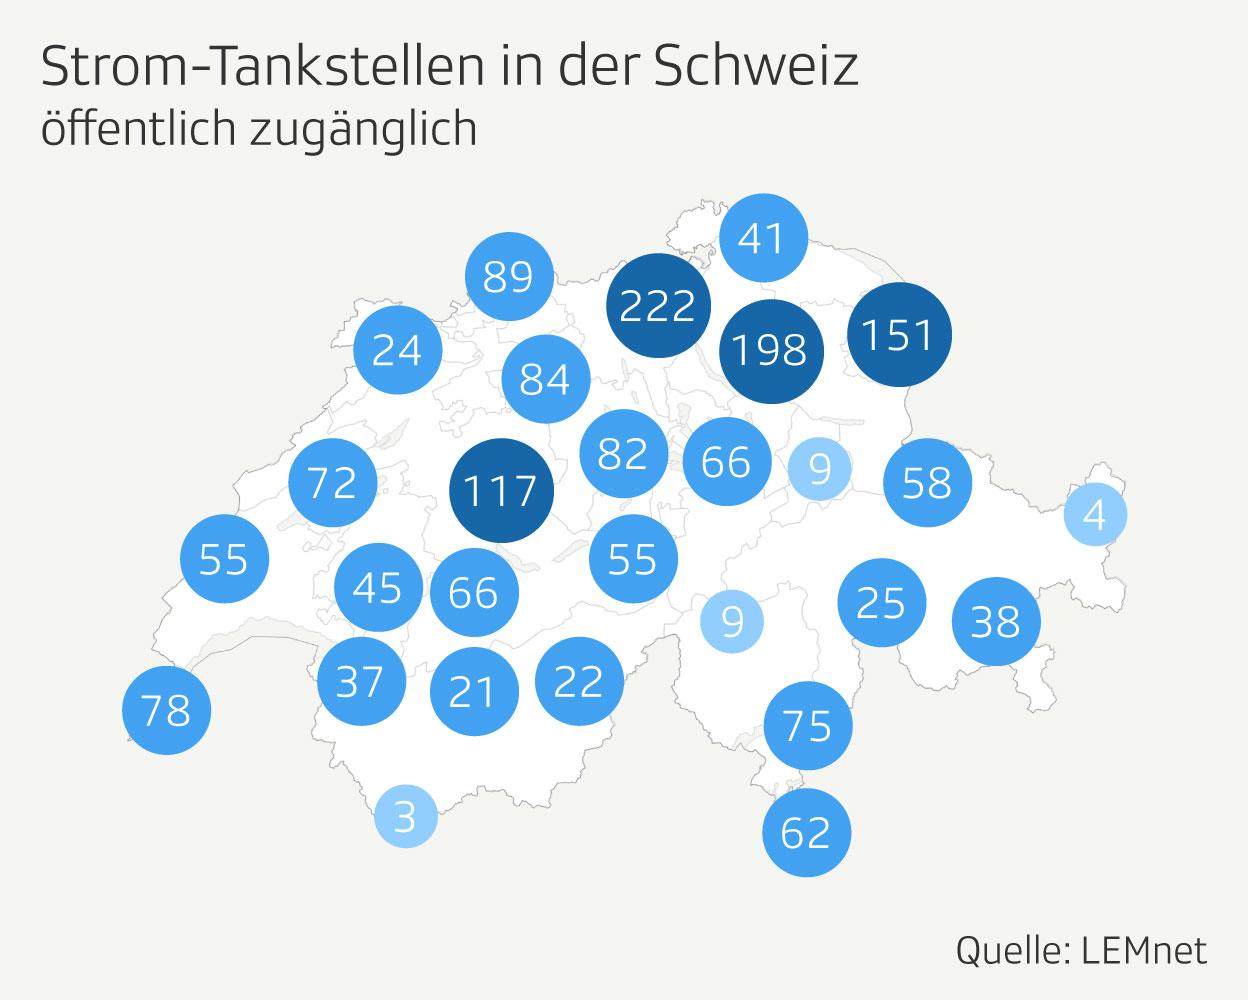 Stromtankstellen in der Schweiz öffentlich zugänglich